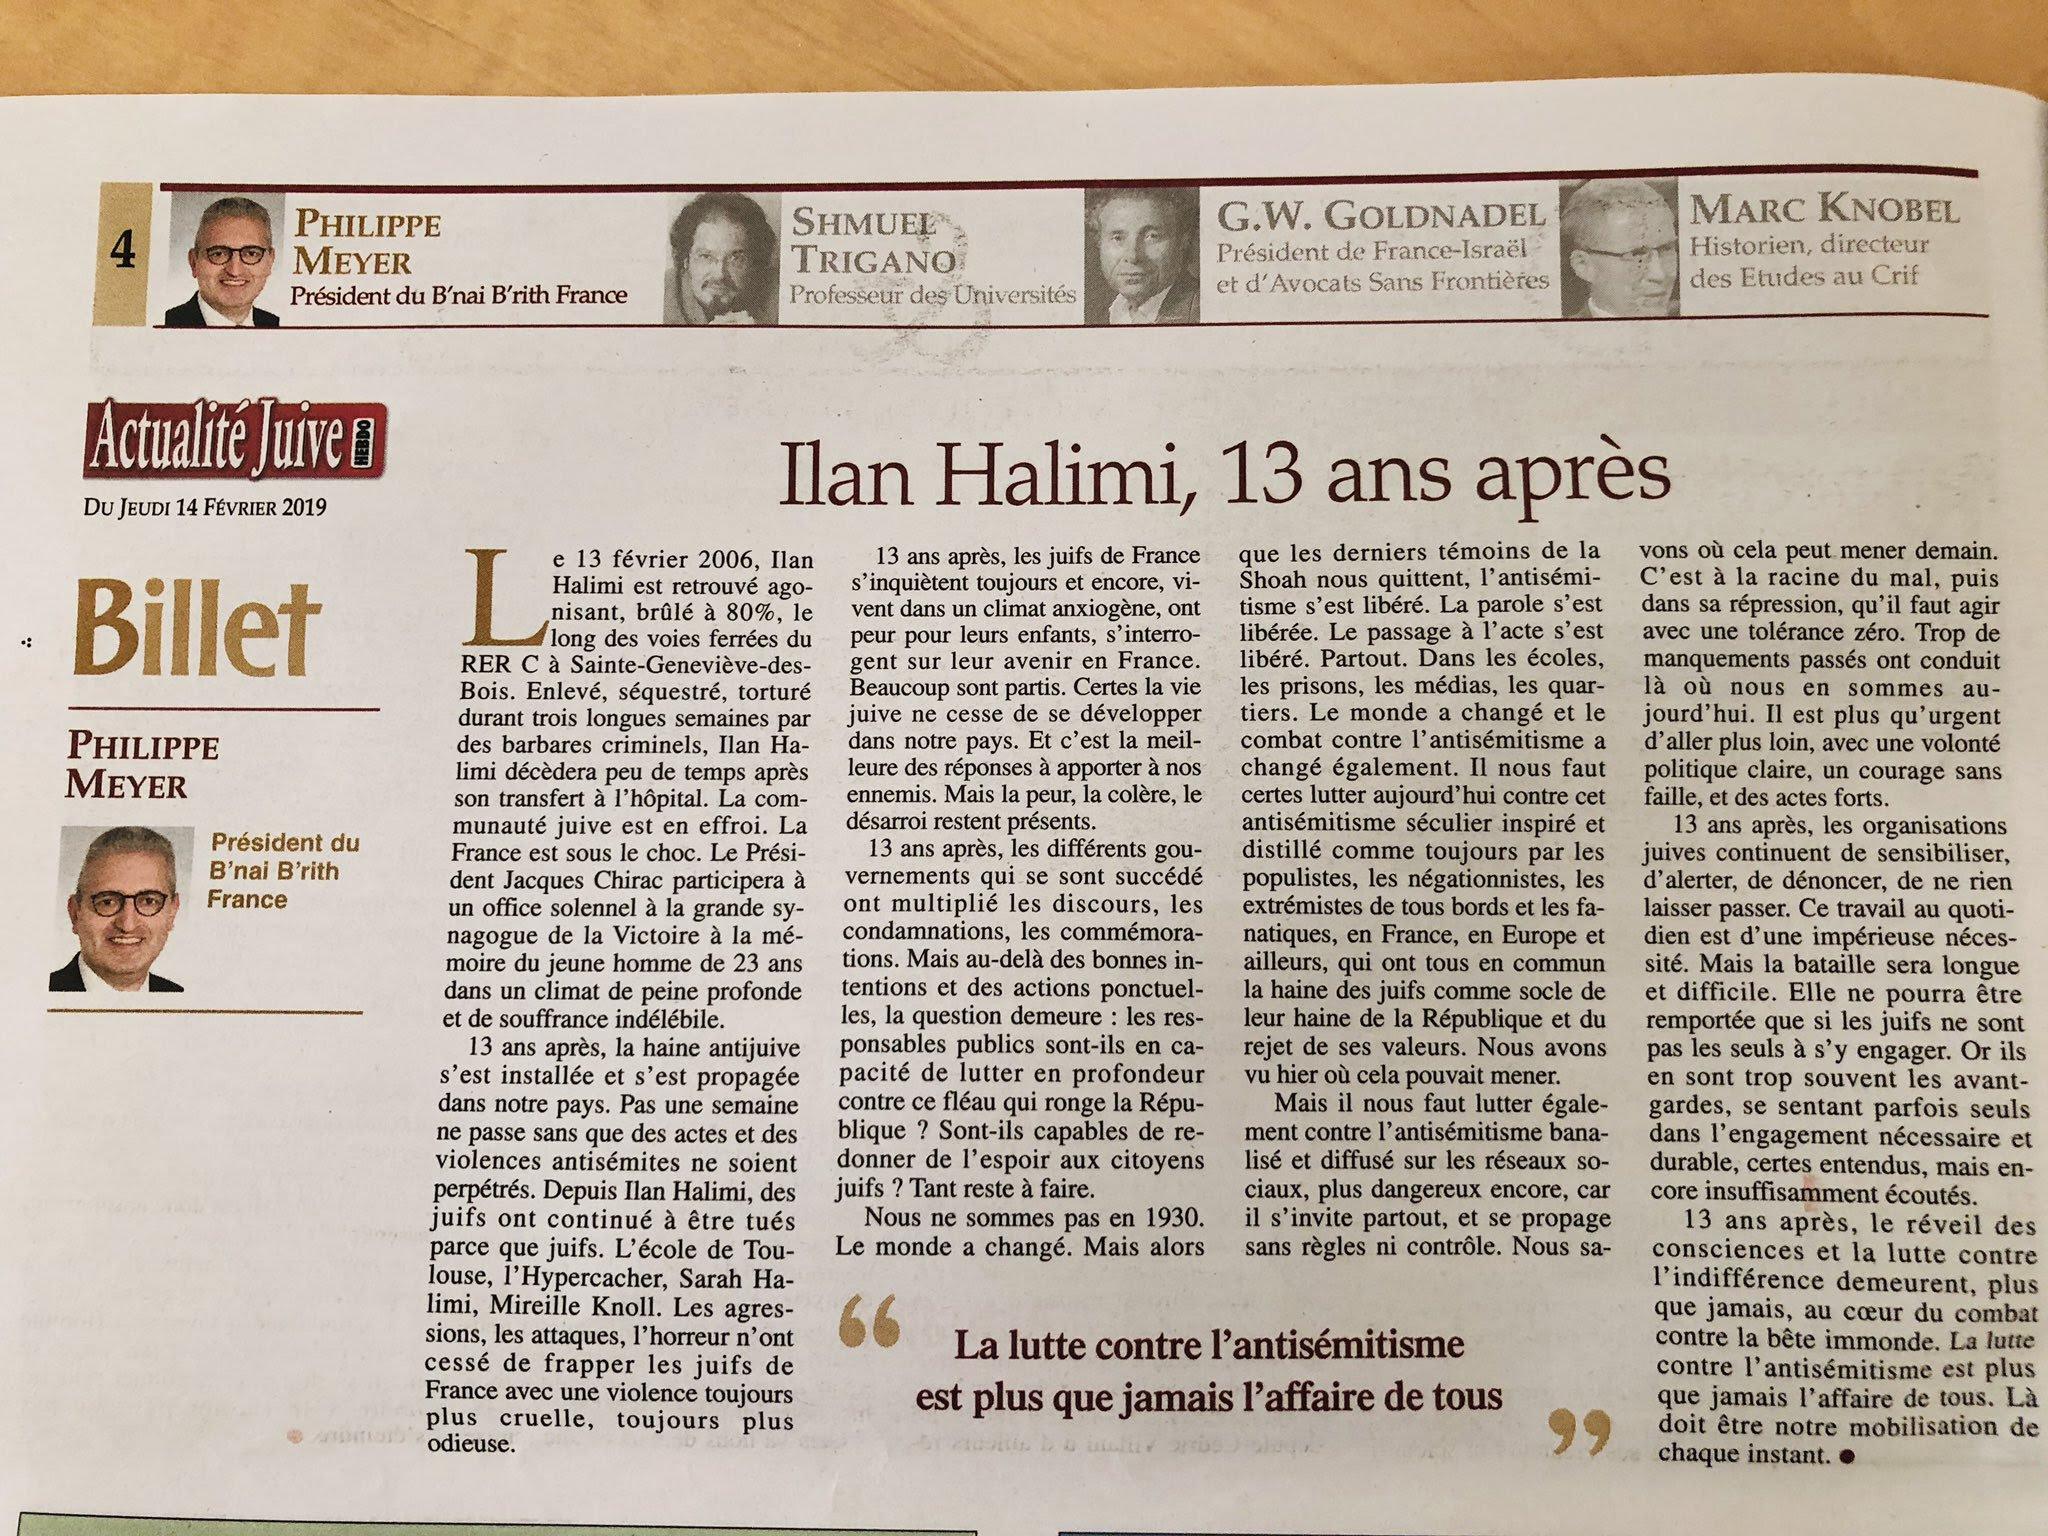 Le Mot du Président du B'nai B'rith France   Ilan Halimi, 13 ans après